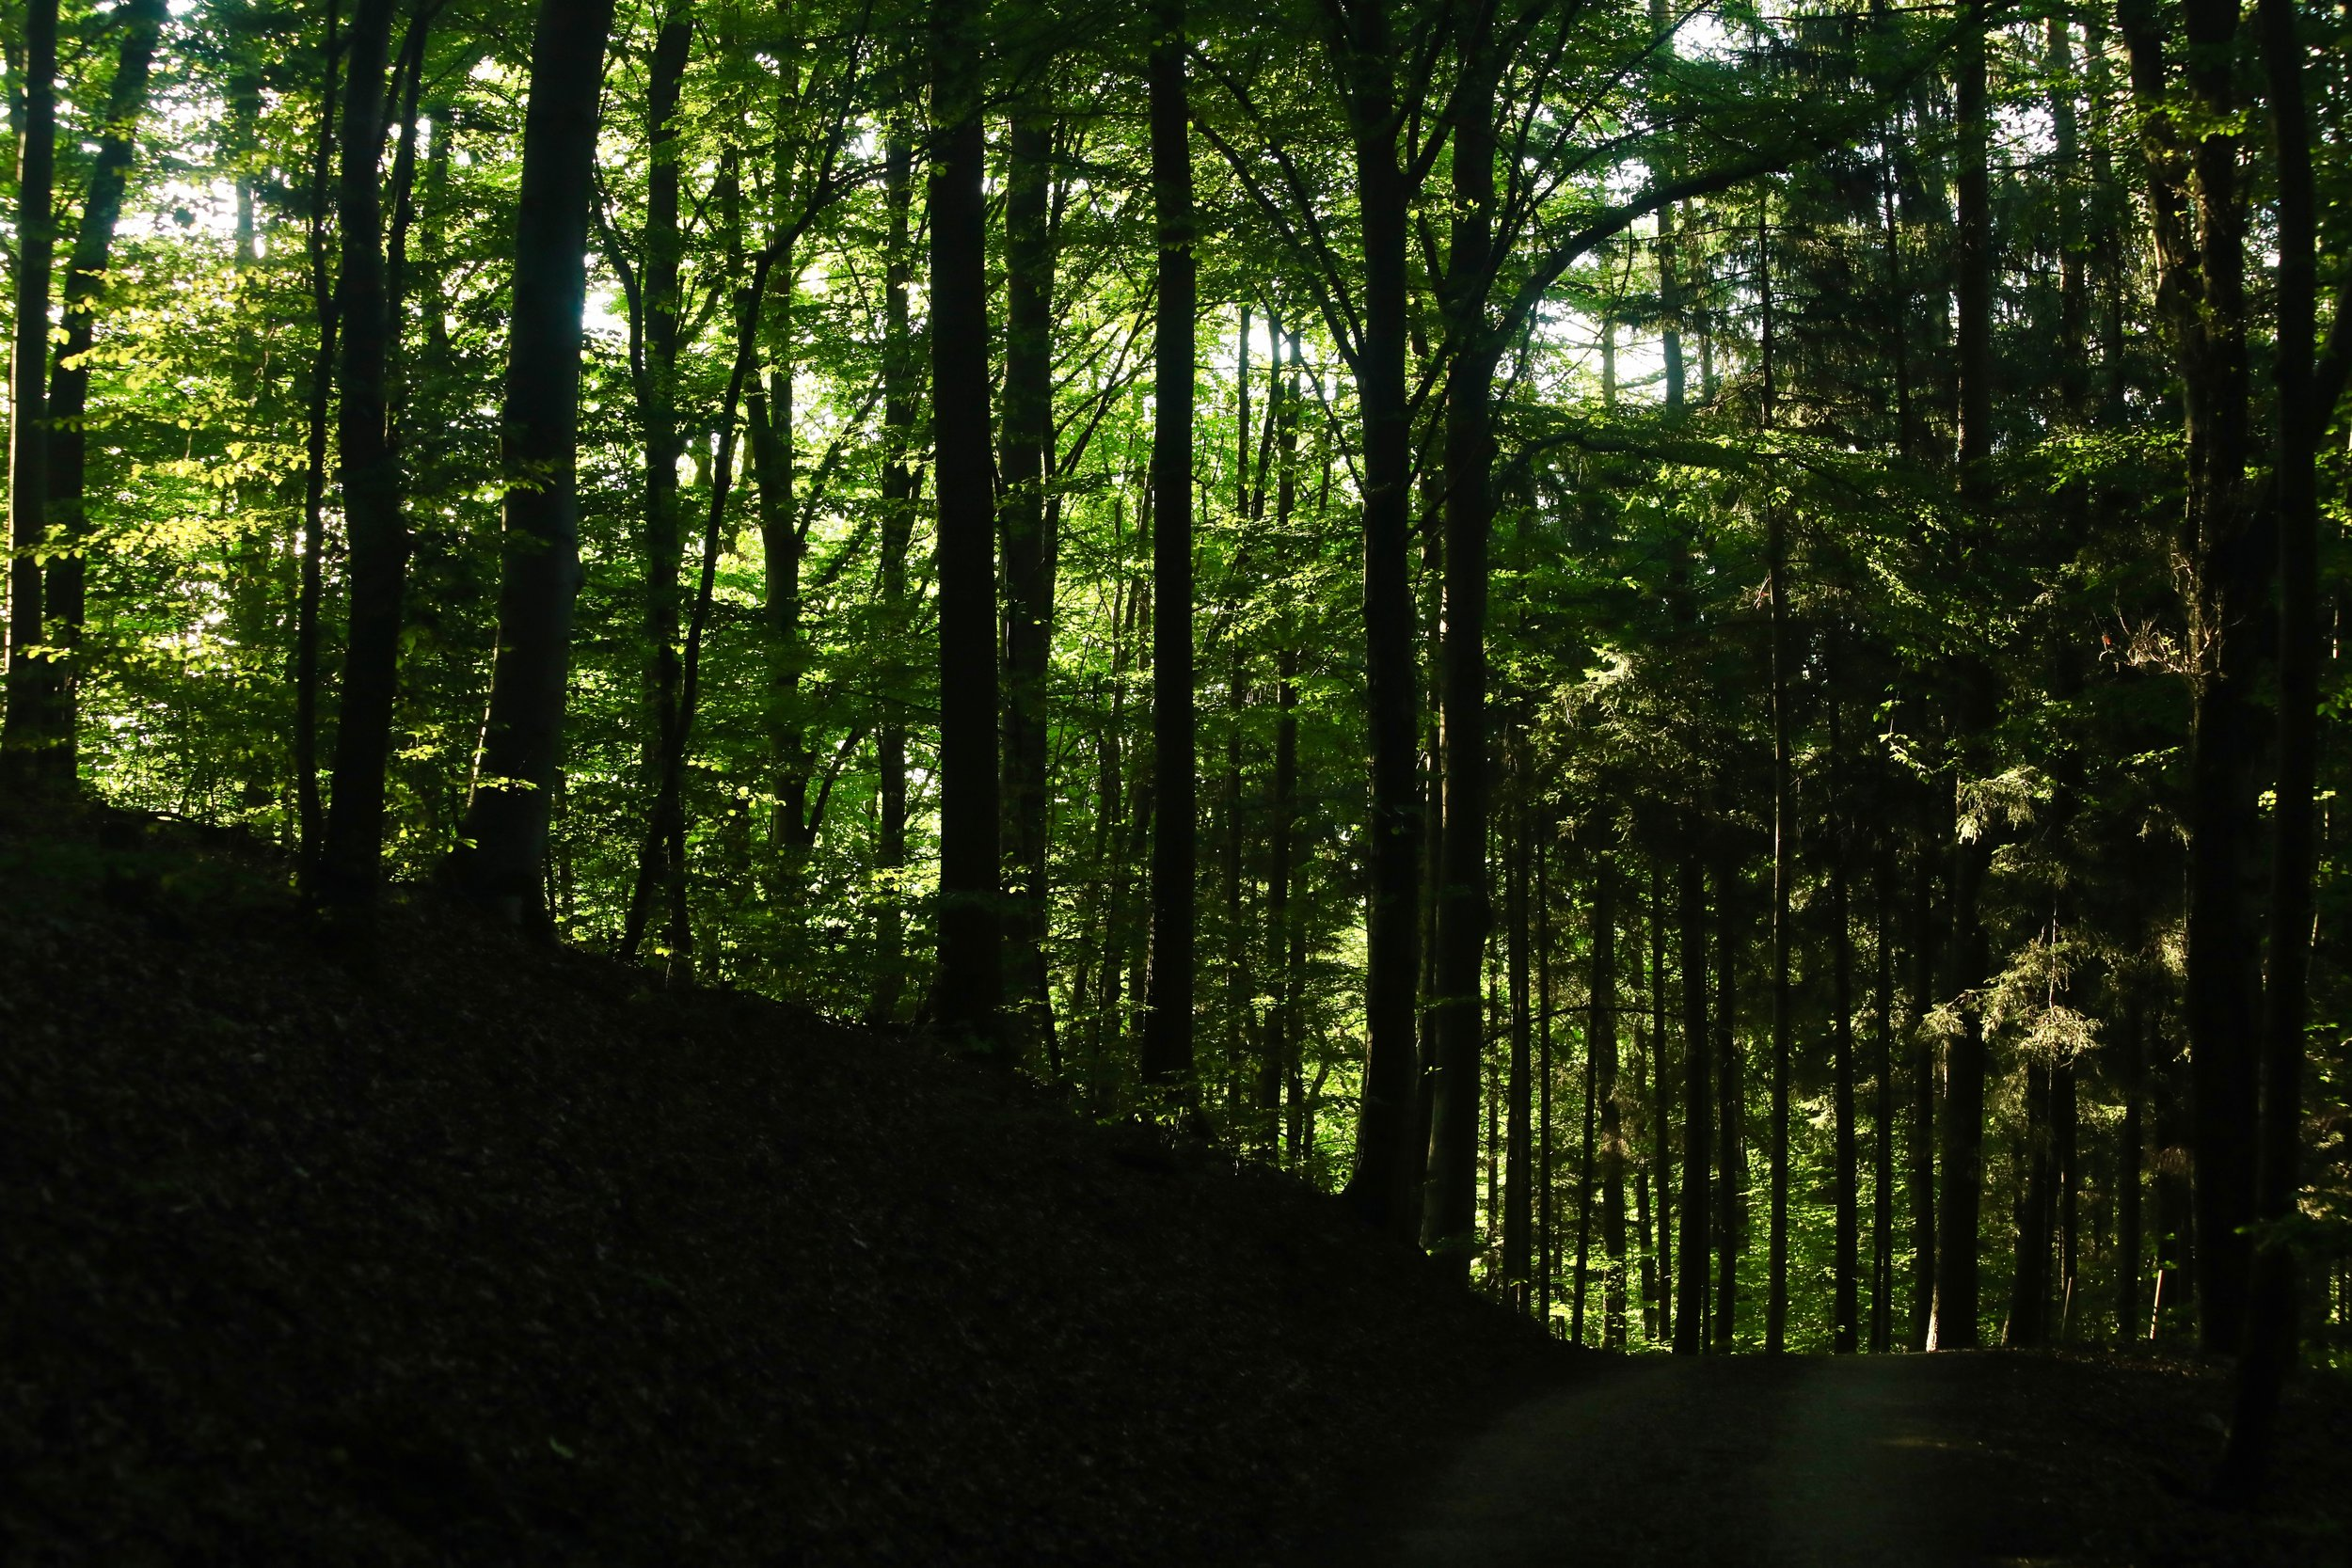 Grünes Licht im Wald